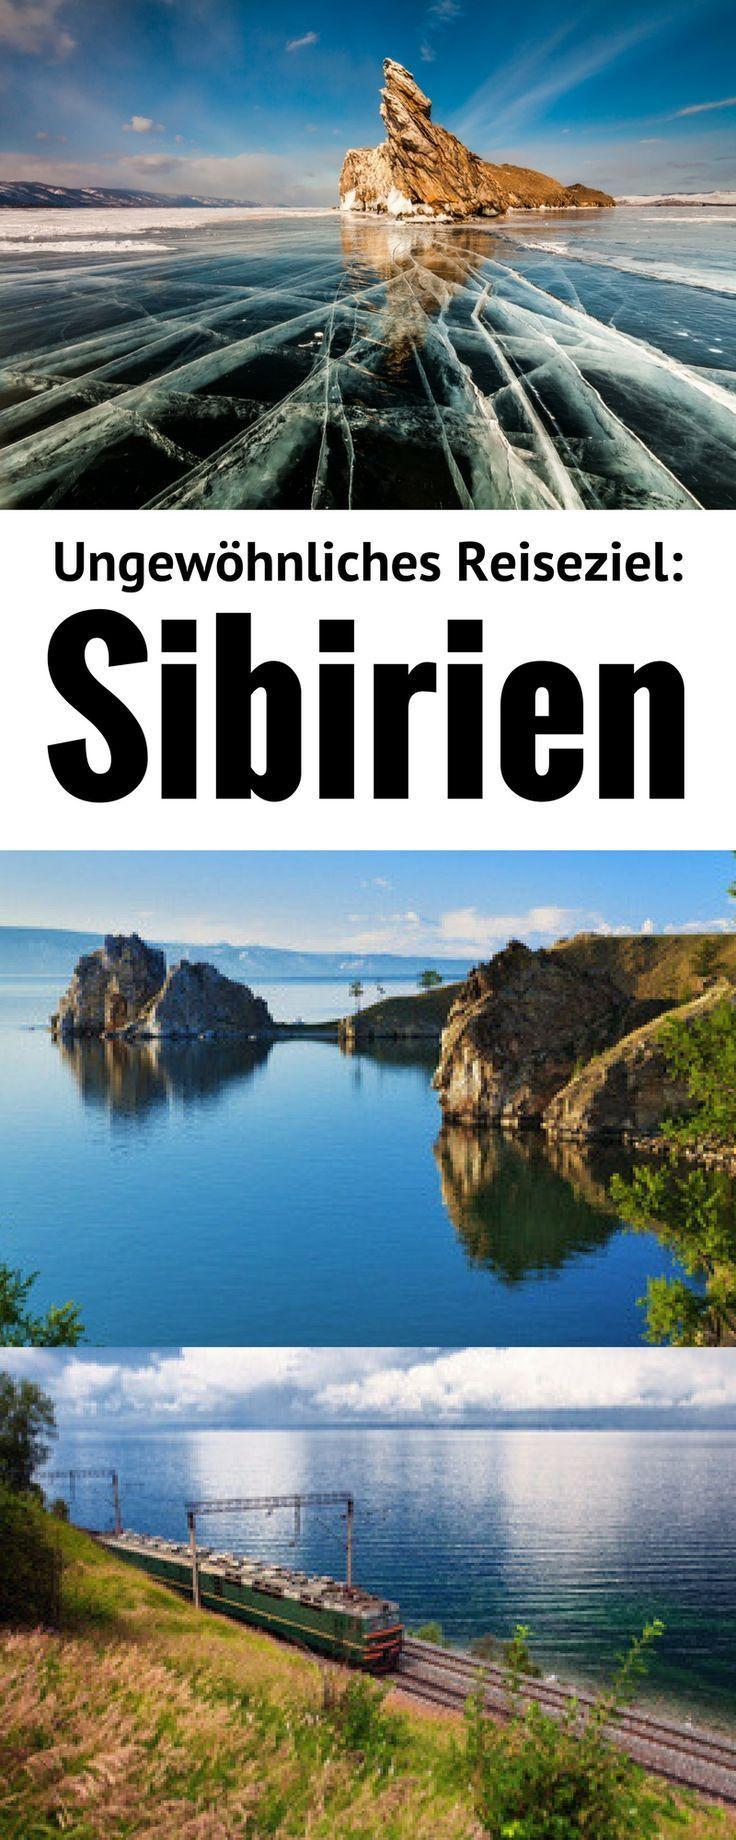 Ungewohnliches Reiseziel Warum Du Jetzt Deine Reise Nach Sibirien Buchen Solltest Reisen Reiseziele Asien Reisen